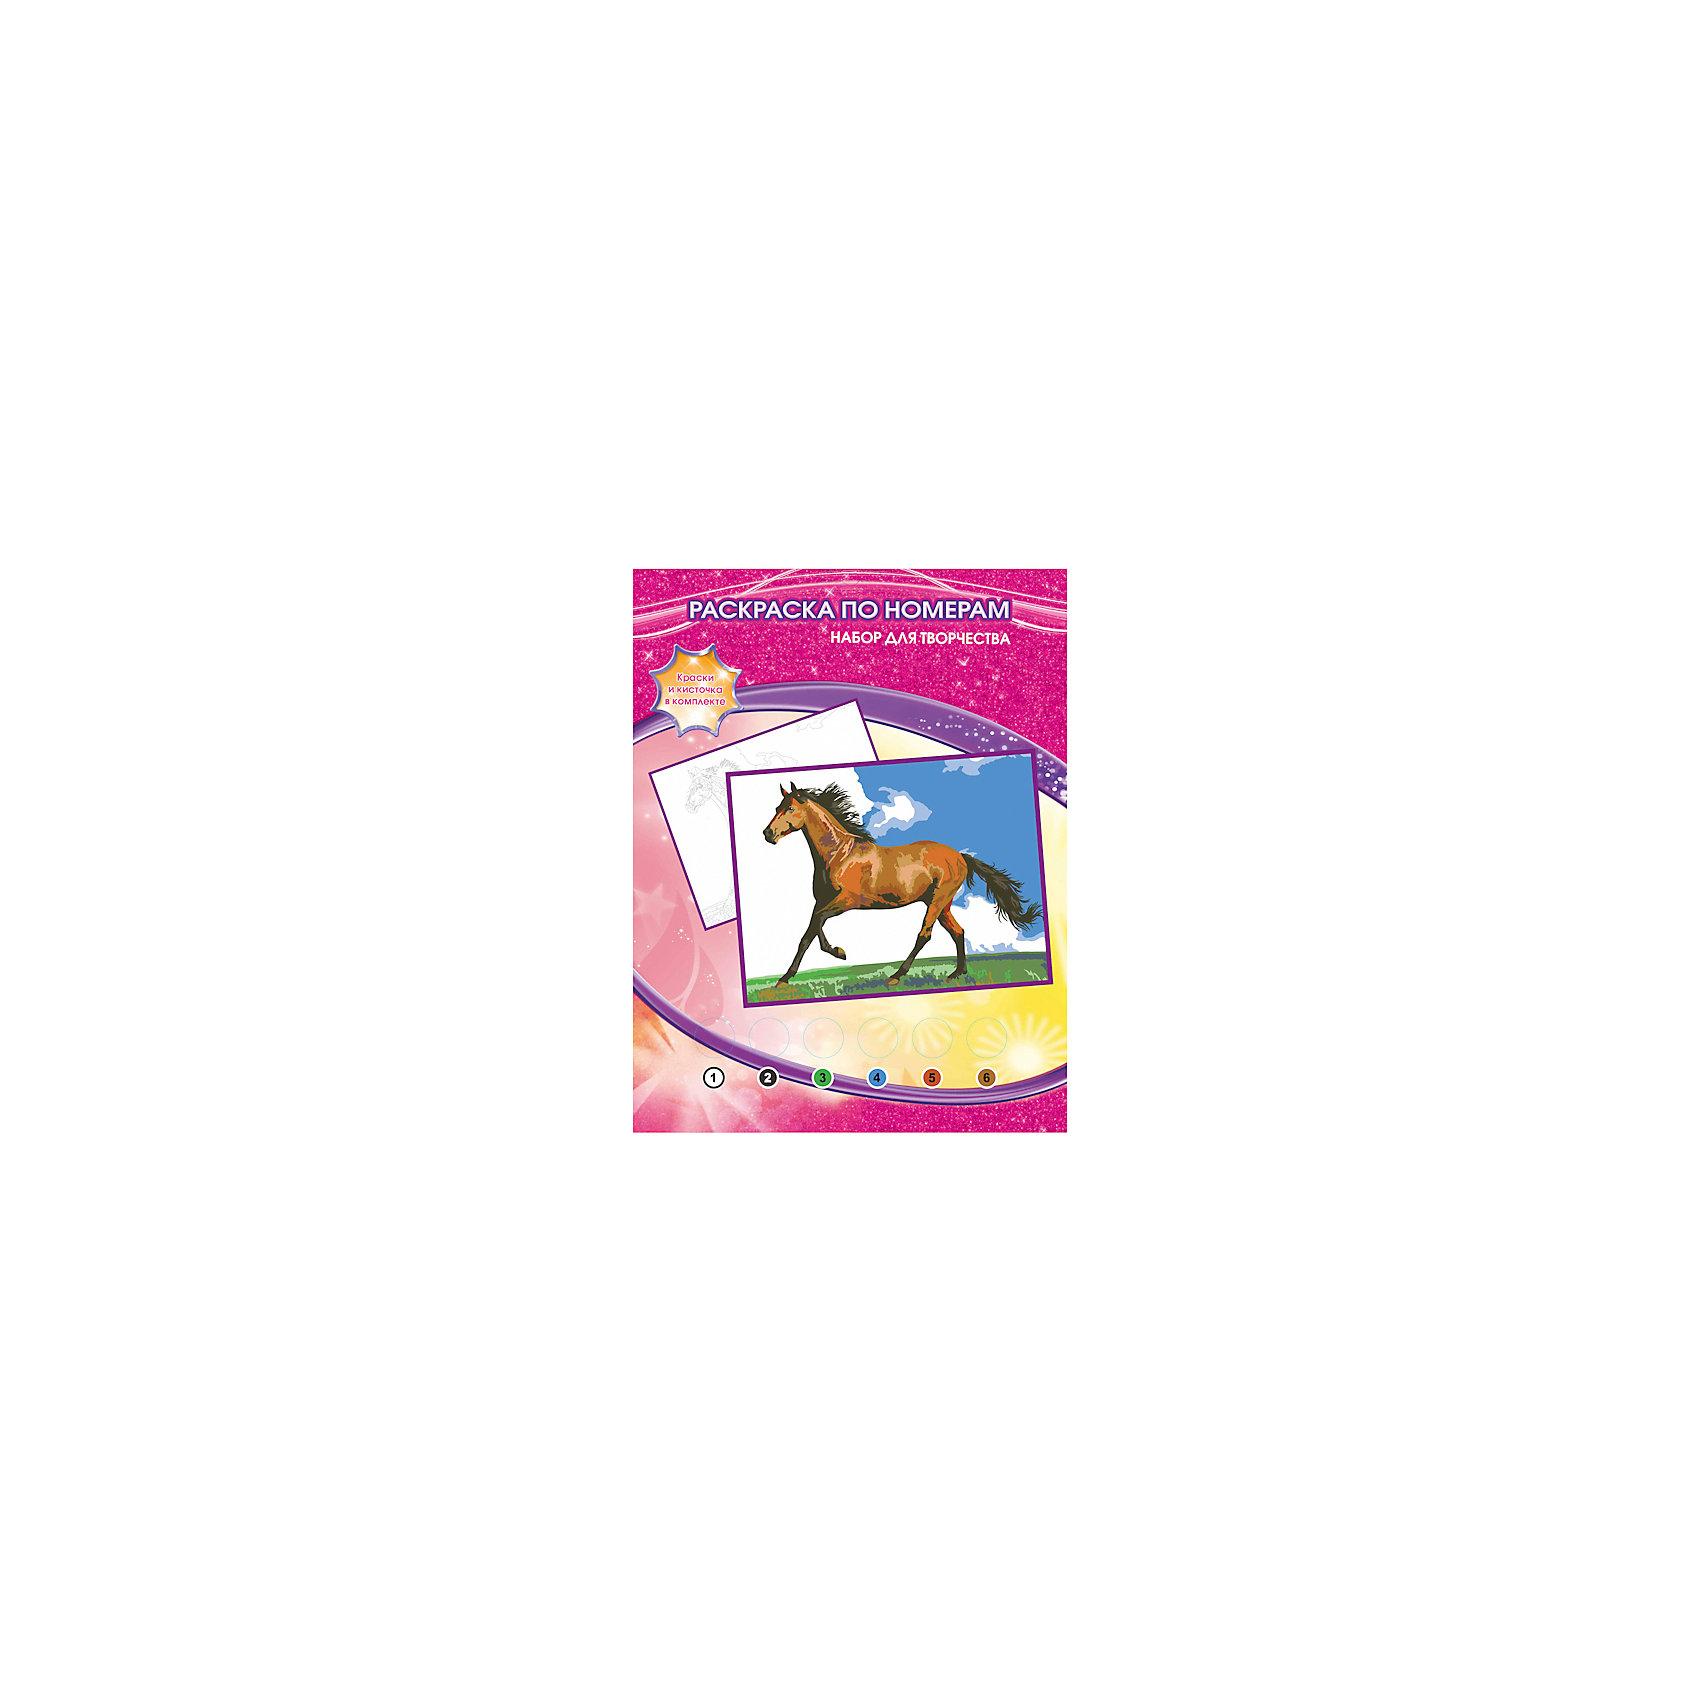 Раскраска по номерам Лошадь, Играем вместеРисование<br>Раскраска по номерам Лошадь, Играем вместе – это простой и удобный способ для ребенка научиться работать с кисточкой и красками и нарисовать настоящую картину. Набор включает в себя все необходимое: рисунок-контур с пронумерованными по цветам областями, набор из шести также пронумерованных красок, палитра для получения новых оттенков, кисточка. Благодаря данному комплекту, ребенок легко и непринужденно сможет научиться рисовать кистью и красками, а также смешивать цвета.<br><br>Комплектация: раскраска-основа с нанесенным контуром, краски 6 цветов, кисточка, инструкция<br><br>Дополнительная информация:<br>-Вес в упаковке: 160 г<br>-Размеры в упаковке: 220х300х20 мм<br>-Материалы: бумага, краски, пластмасса<br>-Размер готовой картины: 20х25 см<br><br>Аккуратно раскрасив области черно-белого рисунка по контуру, Ваш ребенок нарисует картину с бегущей лошадью, а затем повесить ее на стену своей комнаты.<br><br>Раскраска по номерам Лошадь, Играем вместе можно купить в нашем магазине.<br><br>Ширина мм: 220<br>Глубина мм: 300<br>Высота мм: 20<br>Вес г: 160<br>Возраст от месяцев: 60<br>Возраст до месяцев: 108<br>Пол: Унисекс<br>Возраст: Детский<br>SKU: 4079290